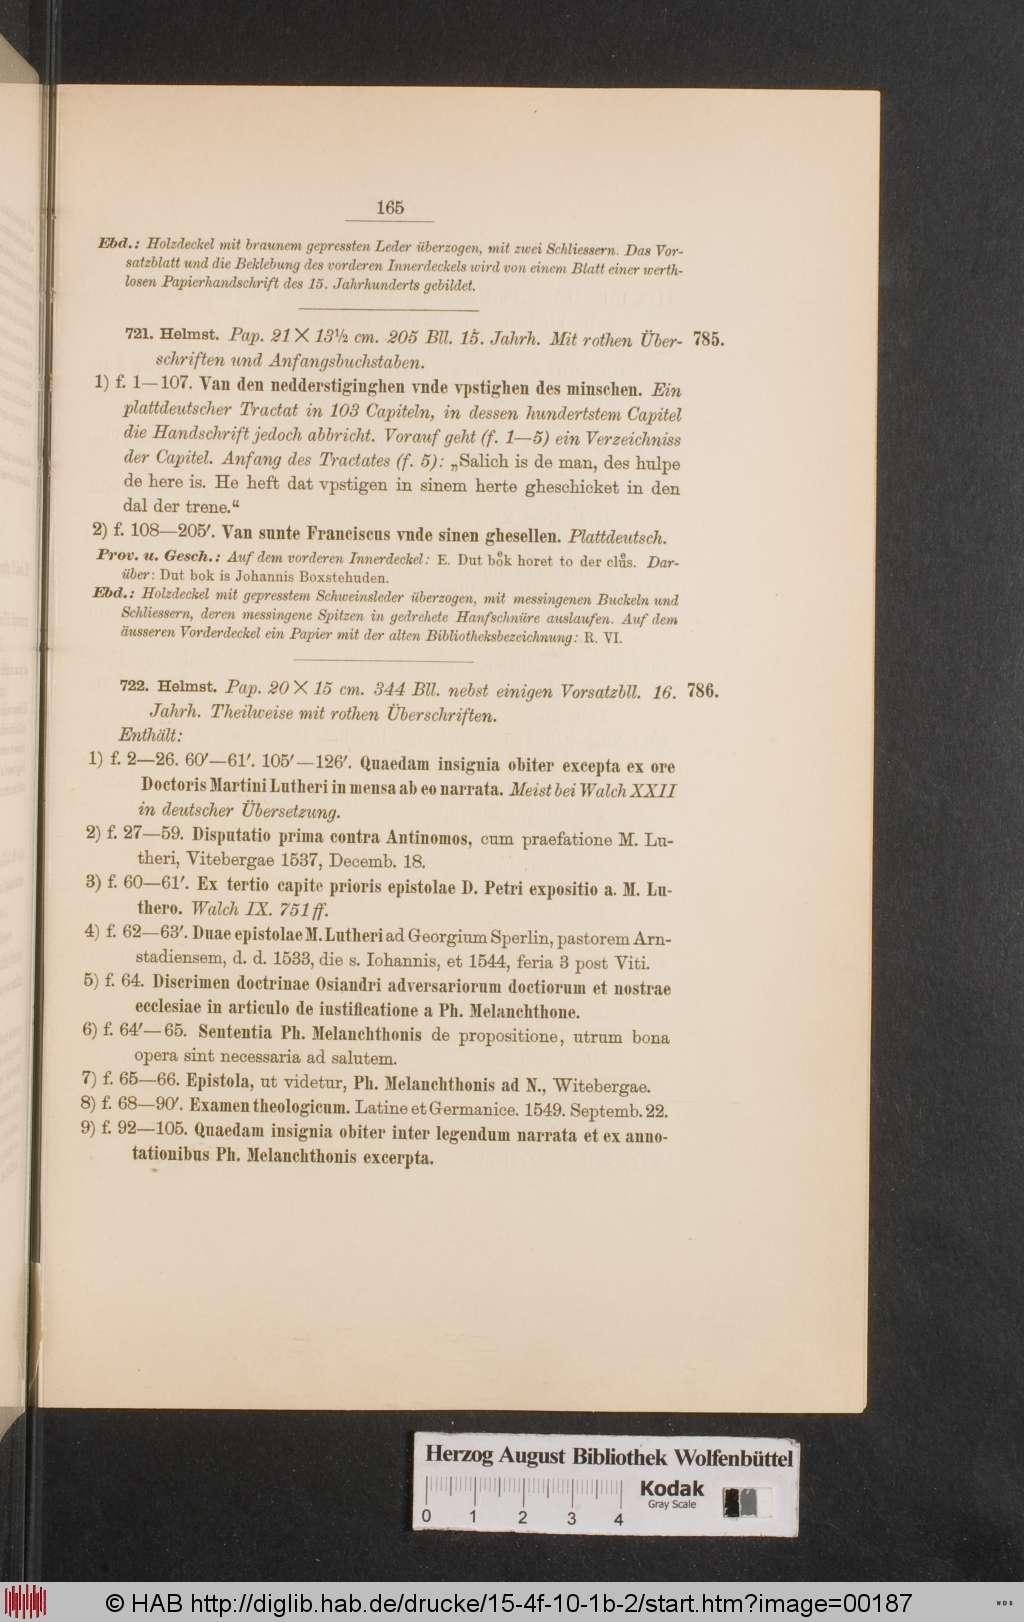 https://diglib.hab.de/drucke/15-4f-10-1b-2/00187.jpg